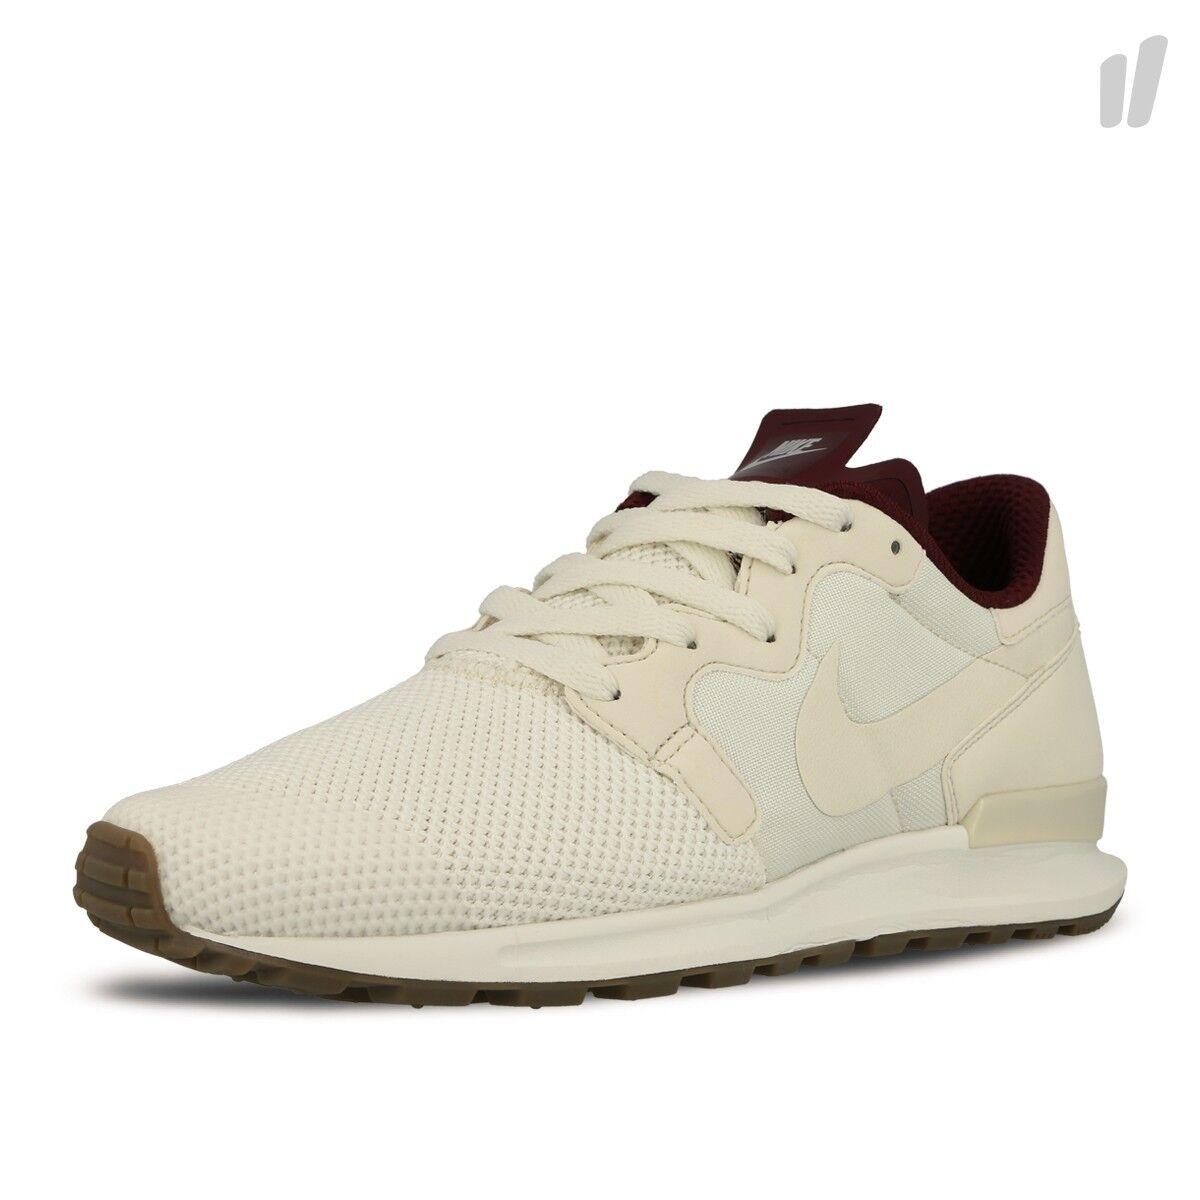 Mens Nike Air Berwuda Premium Casual Shoe Phantom Tan / Maroon Sz 7.5 844978 005